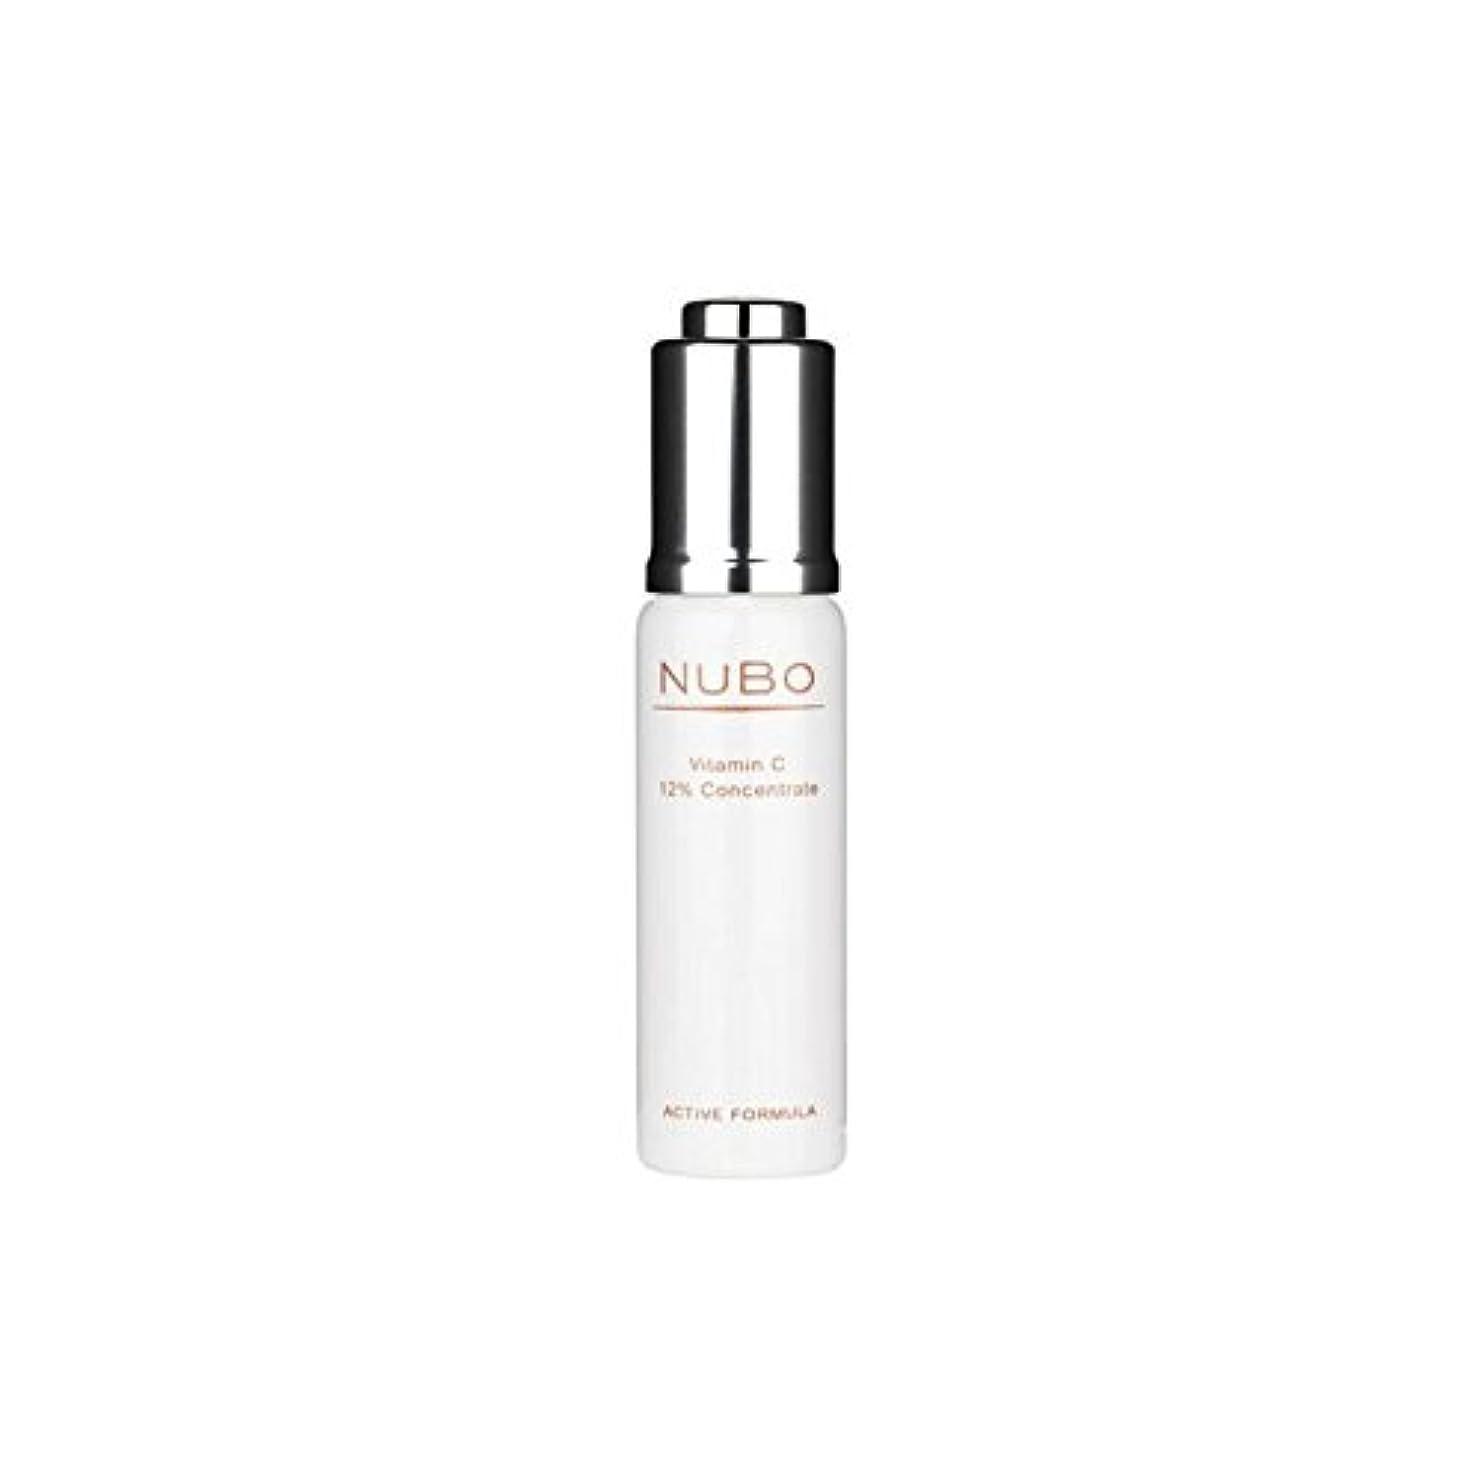 マニフェスト彫刻名前Nubo Vitamin C 12% Concentrate (15ml) (Pack of 6) - ビタミン 12%の濃縮物(15ミリリットル) x6 [並行輸入品]